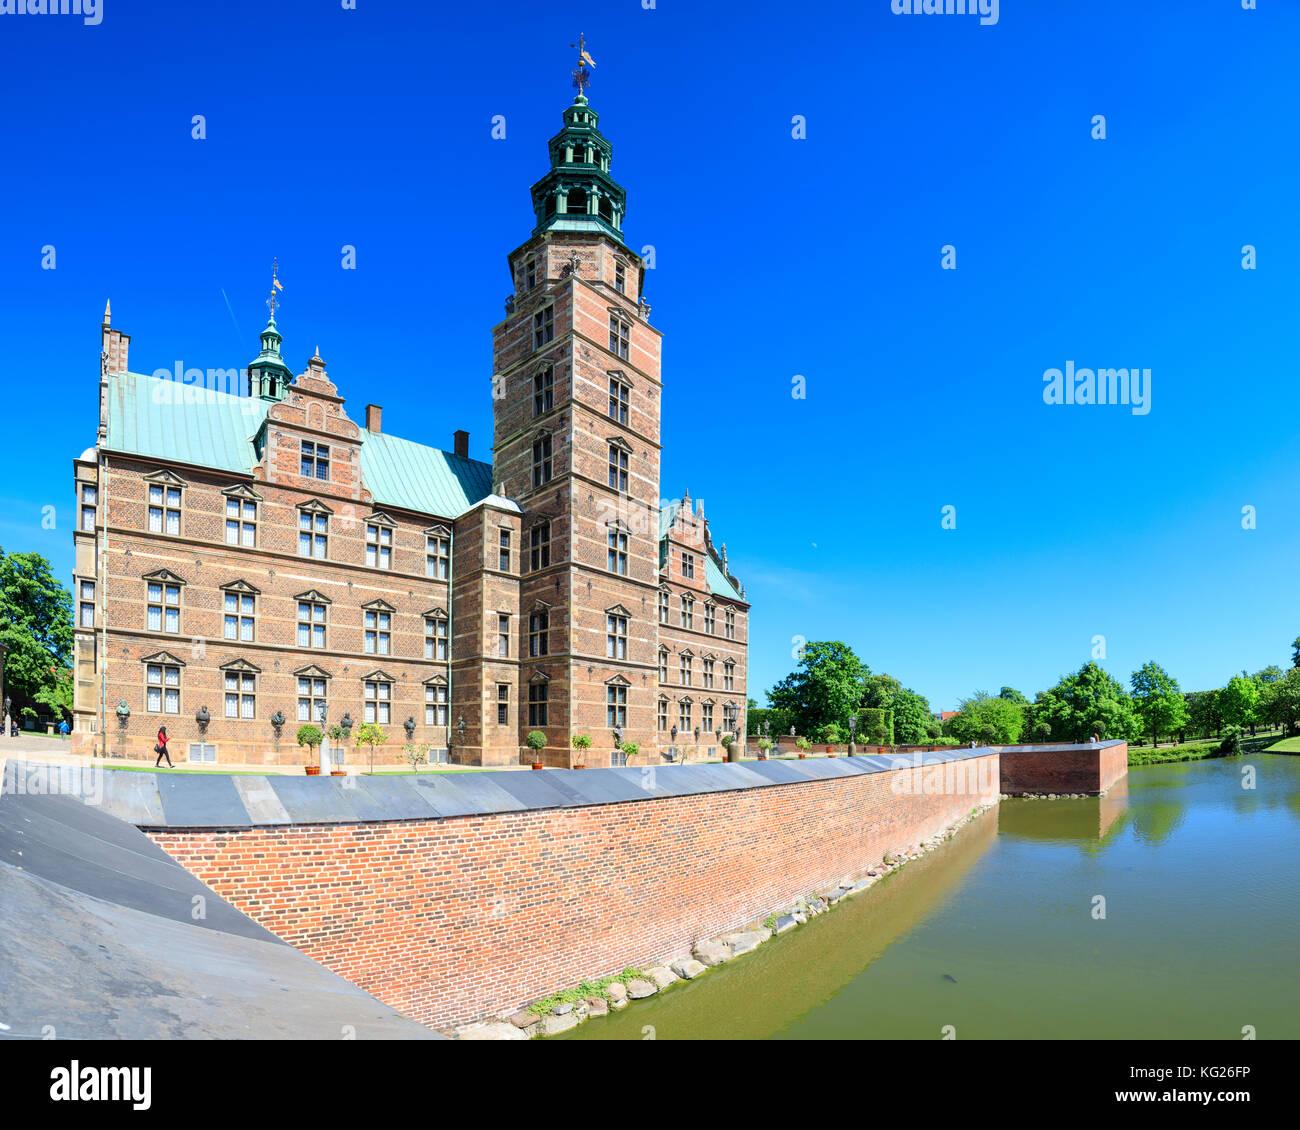 Panoramic of Rosenborg Castle built in the Dutch Renaissance style, Copenhagen, Denmark, Europe - Stock Image